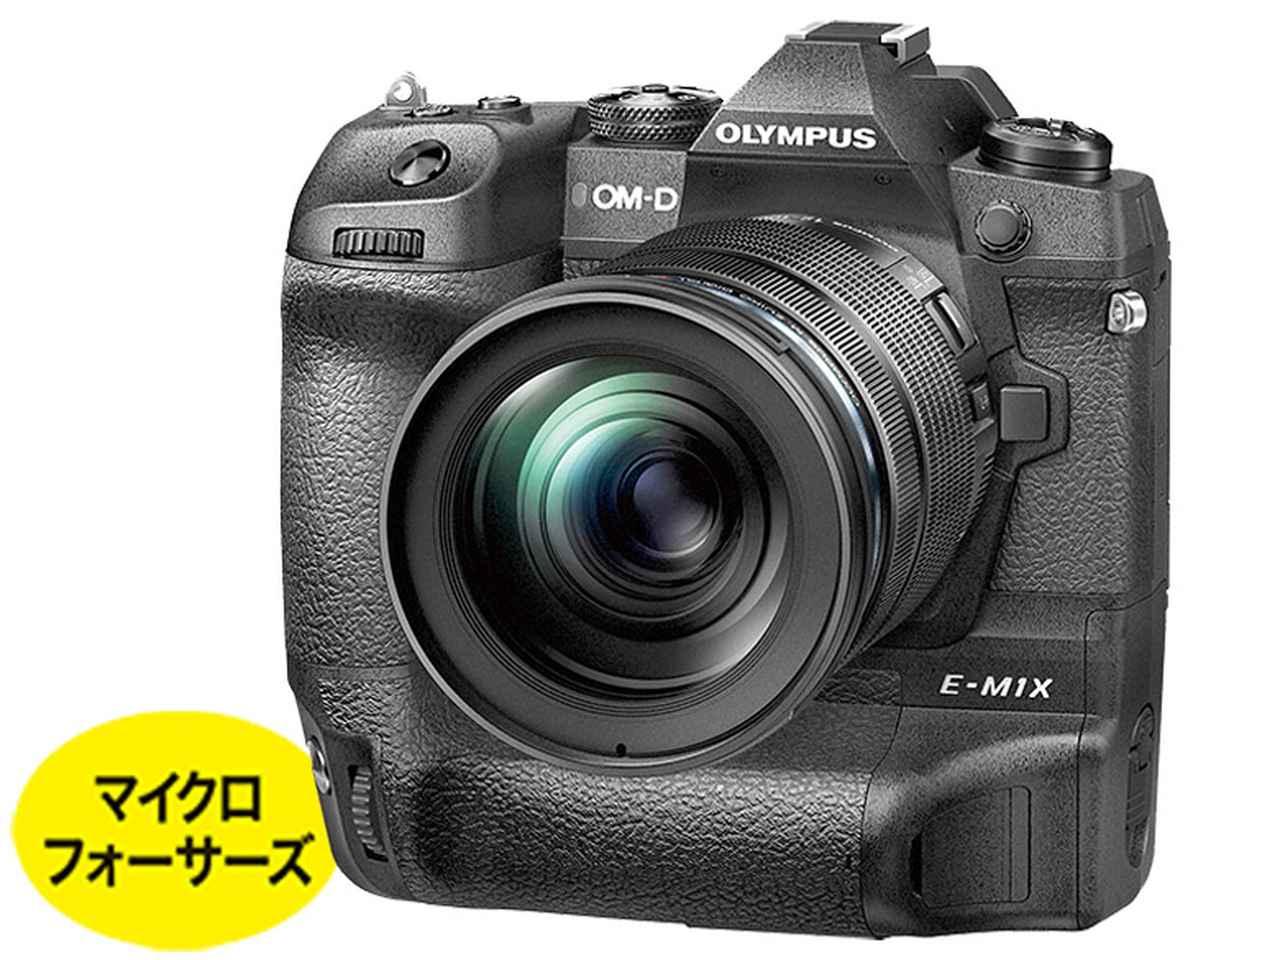 画像1: ミラーレス30万円以上 縦位置グリップ一体モデル。画像処理エンジンも2基搭載 オリンパス「OM-D E-M1X」